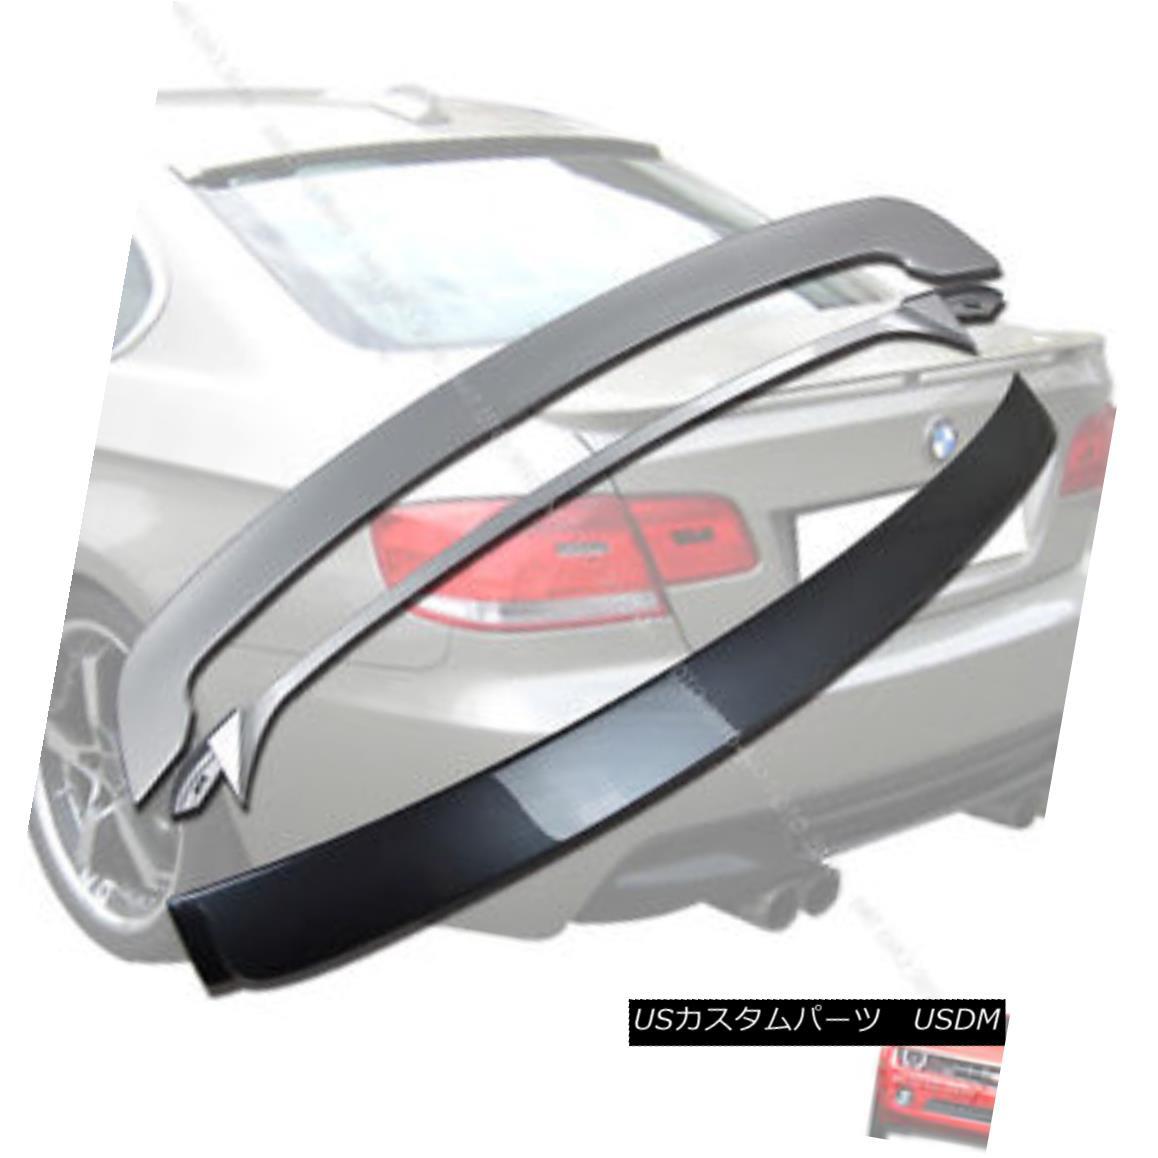 エアロパーツ Painted E92 3er BMW A-Type Roof Spoiler & OE Type Trunk Spoiler 07-13§ ペイントされたE92 3er BMW A型ルーフスポイラー& OEタイプのトランク・スポイラー07-13